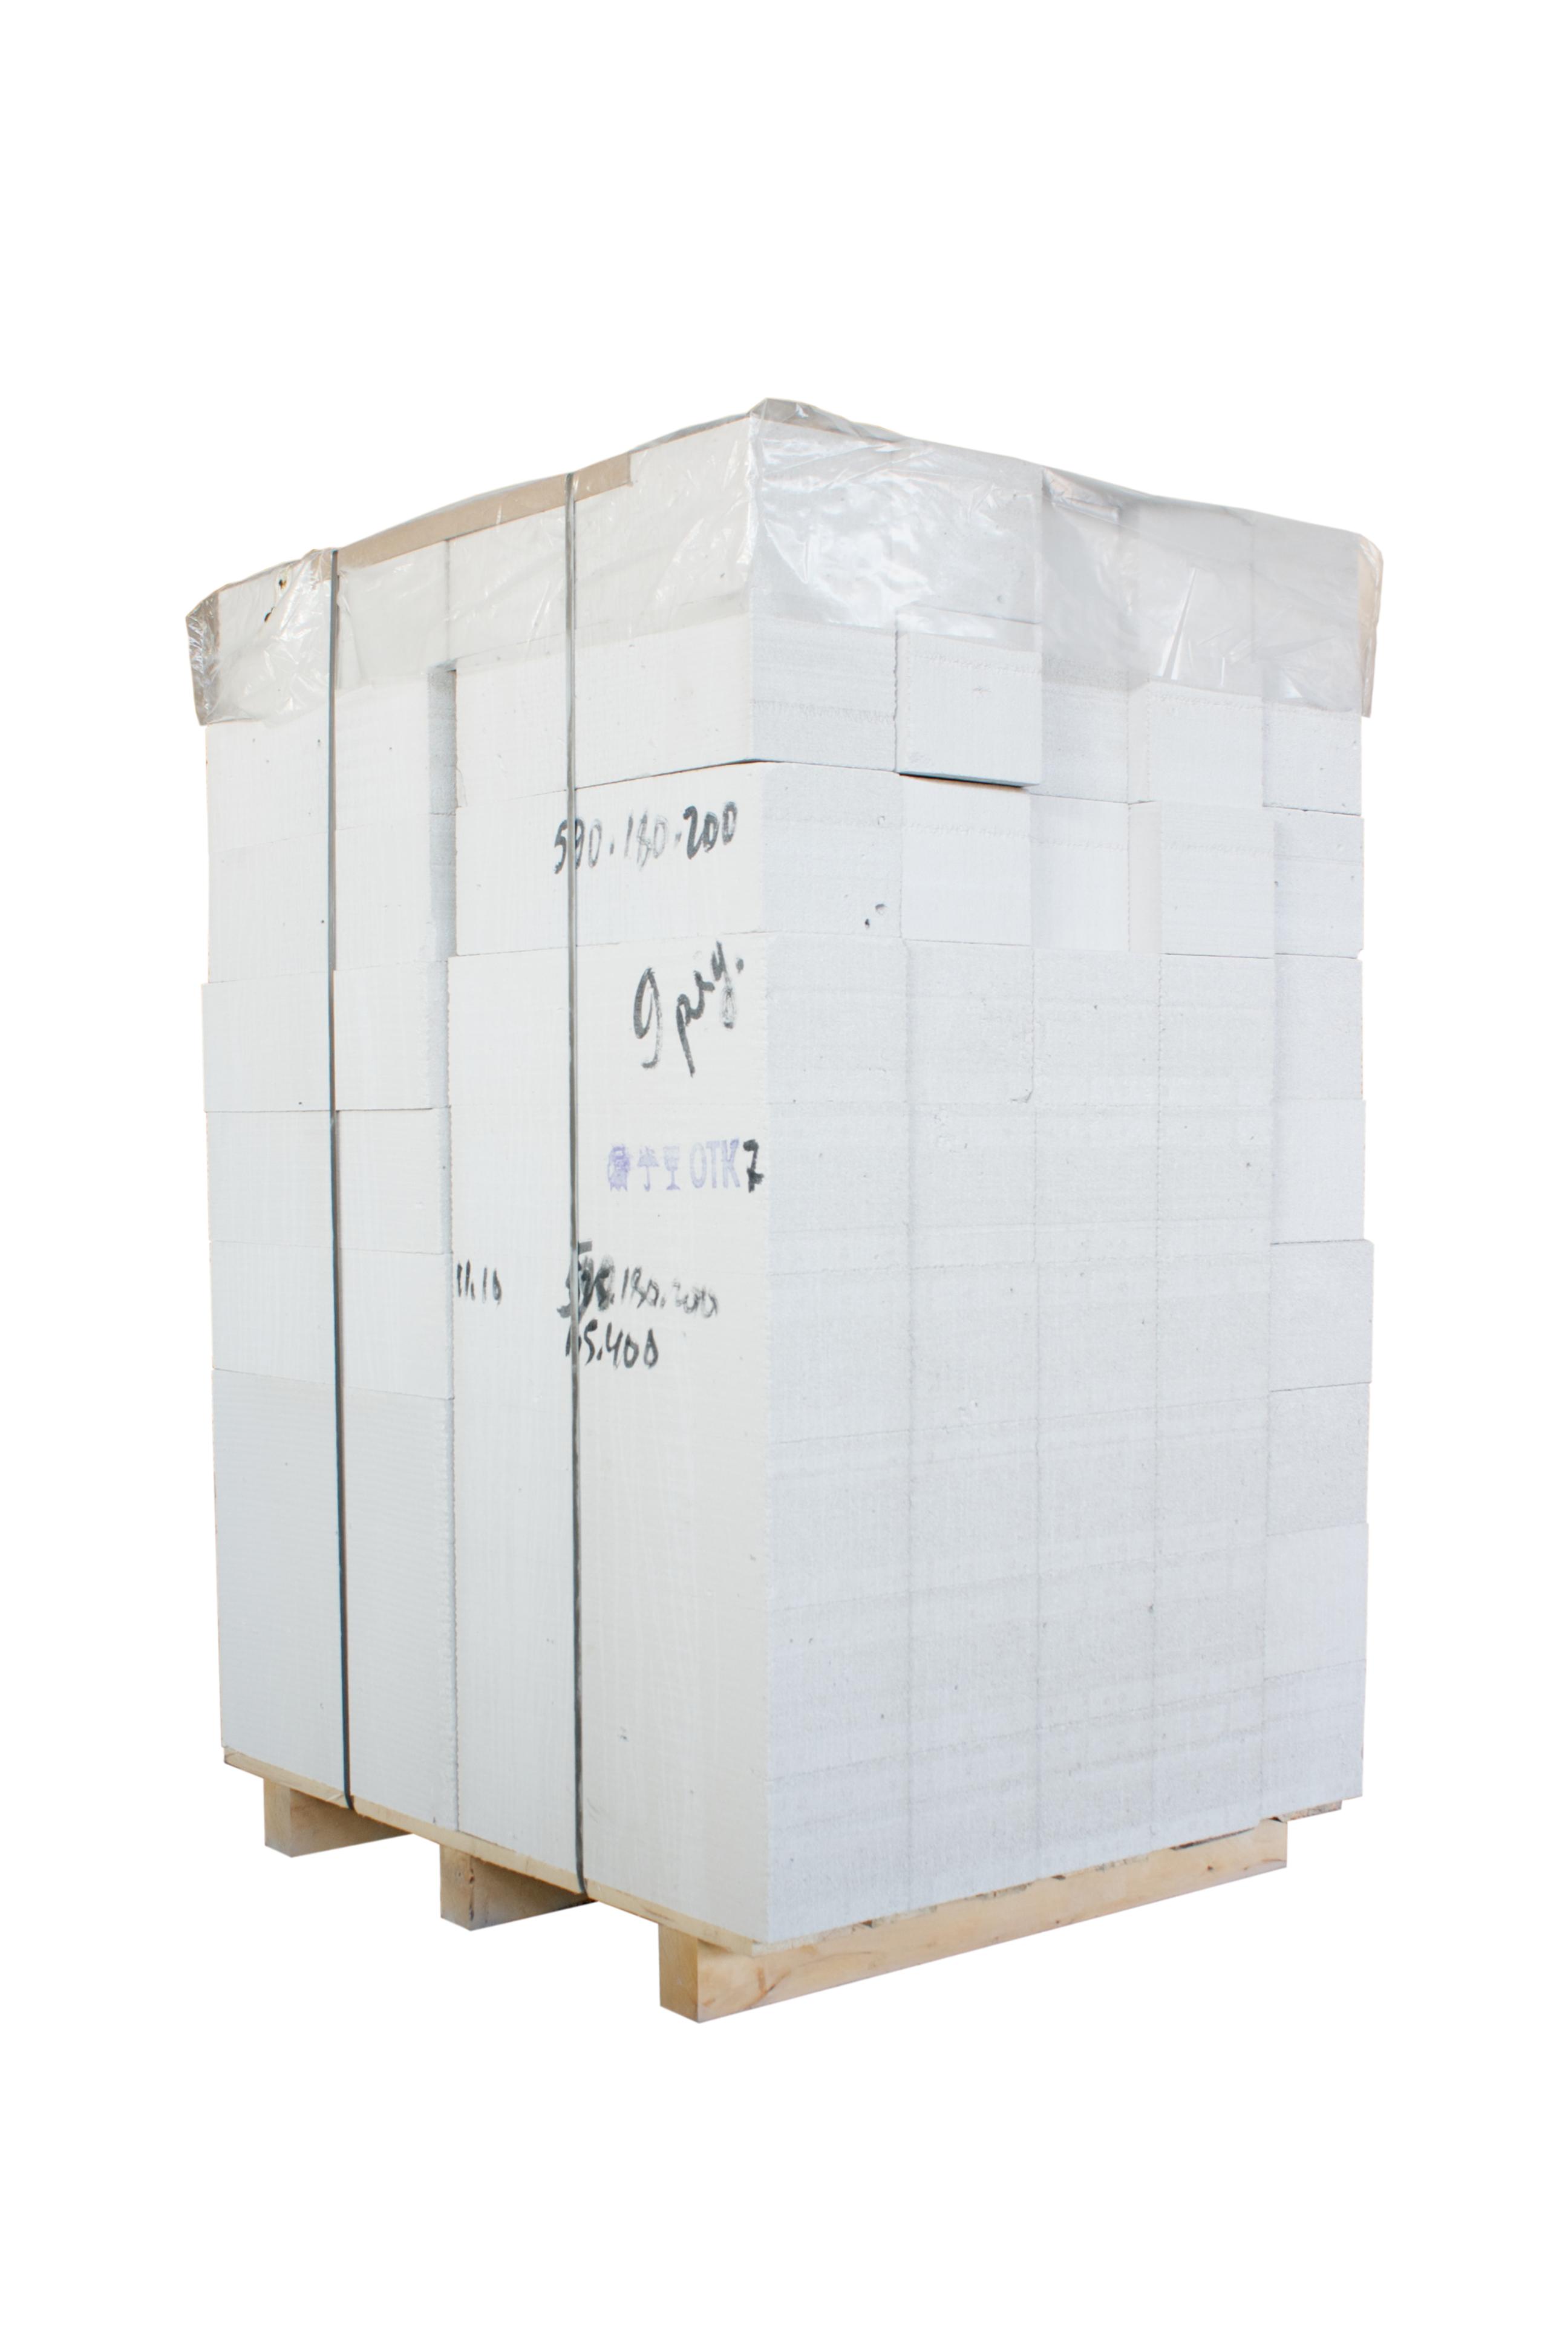 Блок из ячеистого бетона автоклавного твердения, 2 категории (для кладки на раствор на поддоне) производства ОАО Могилевский КСИ РБ